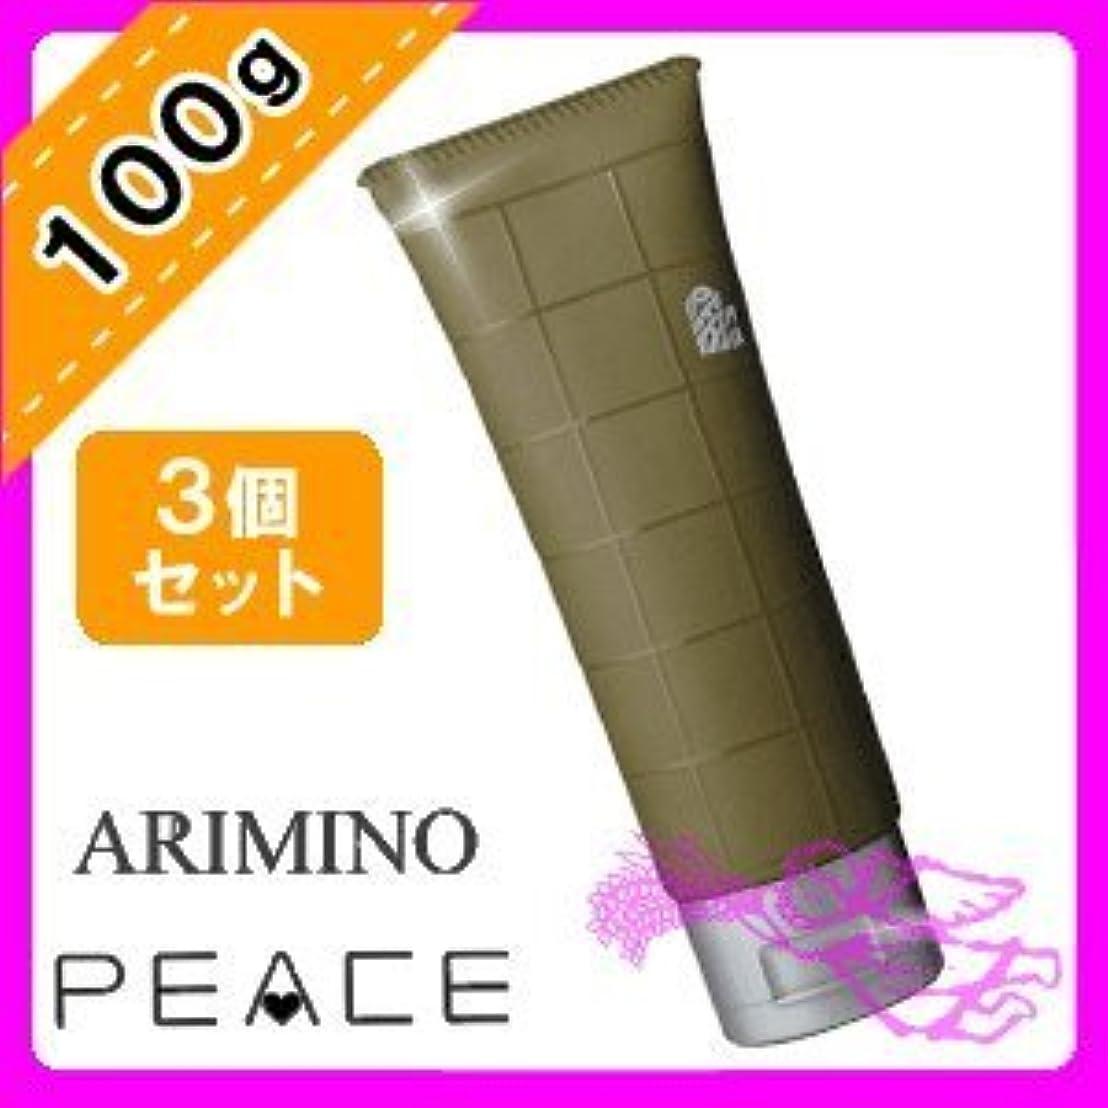 隣接するクラッシュ危険アリミノ ピース ウェットオイル ワックス 100g ×3個セット arimino PEACE